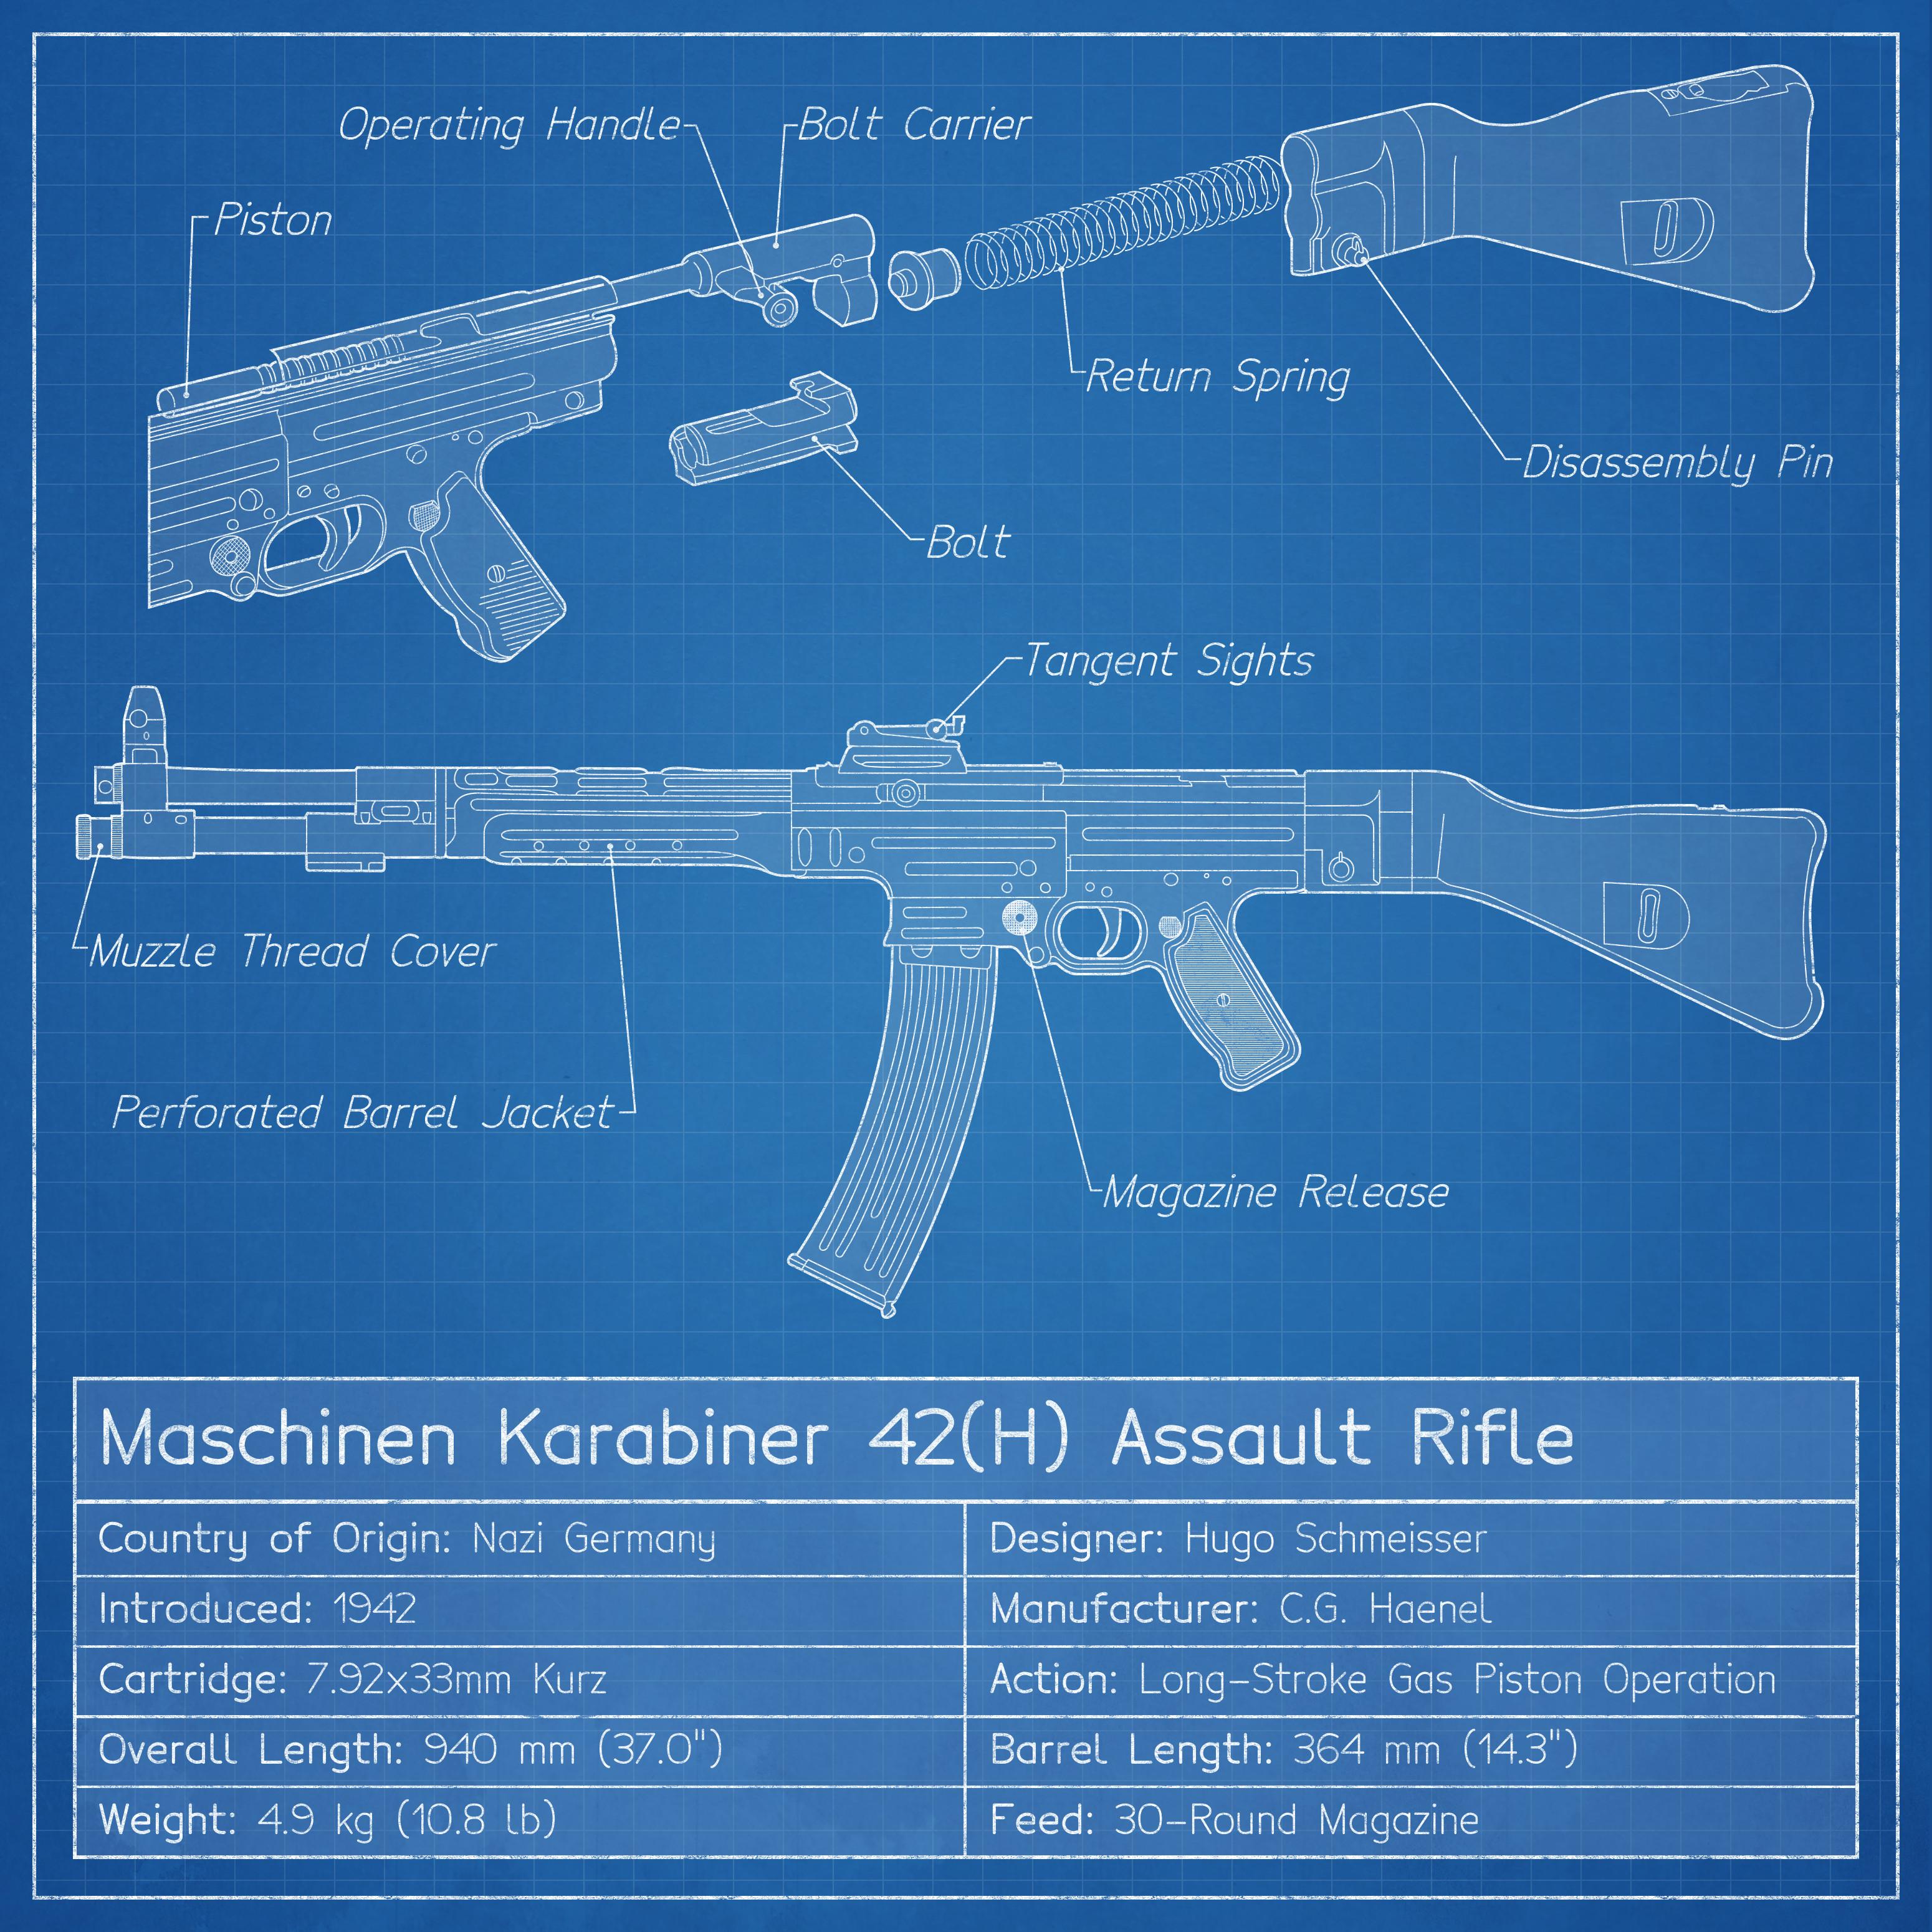 Mkb42 Karabiner foi o primeiro modelo do fuzil de assalto projetado pela Haenel